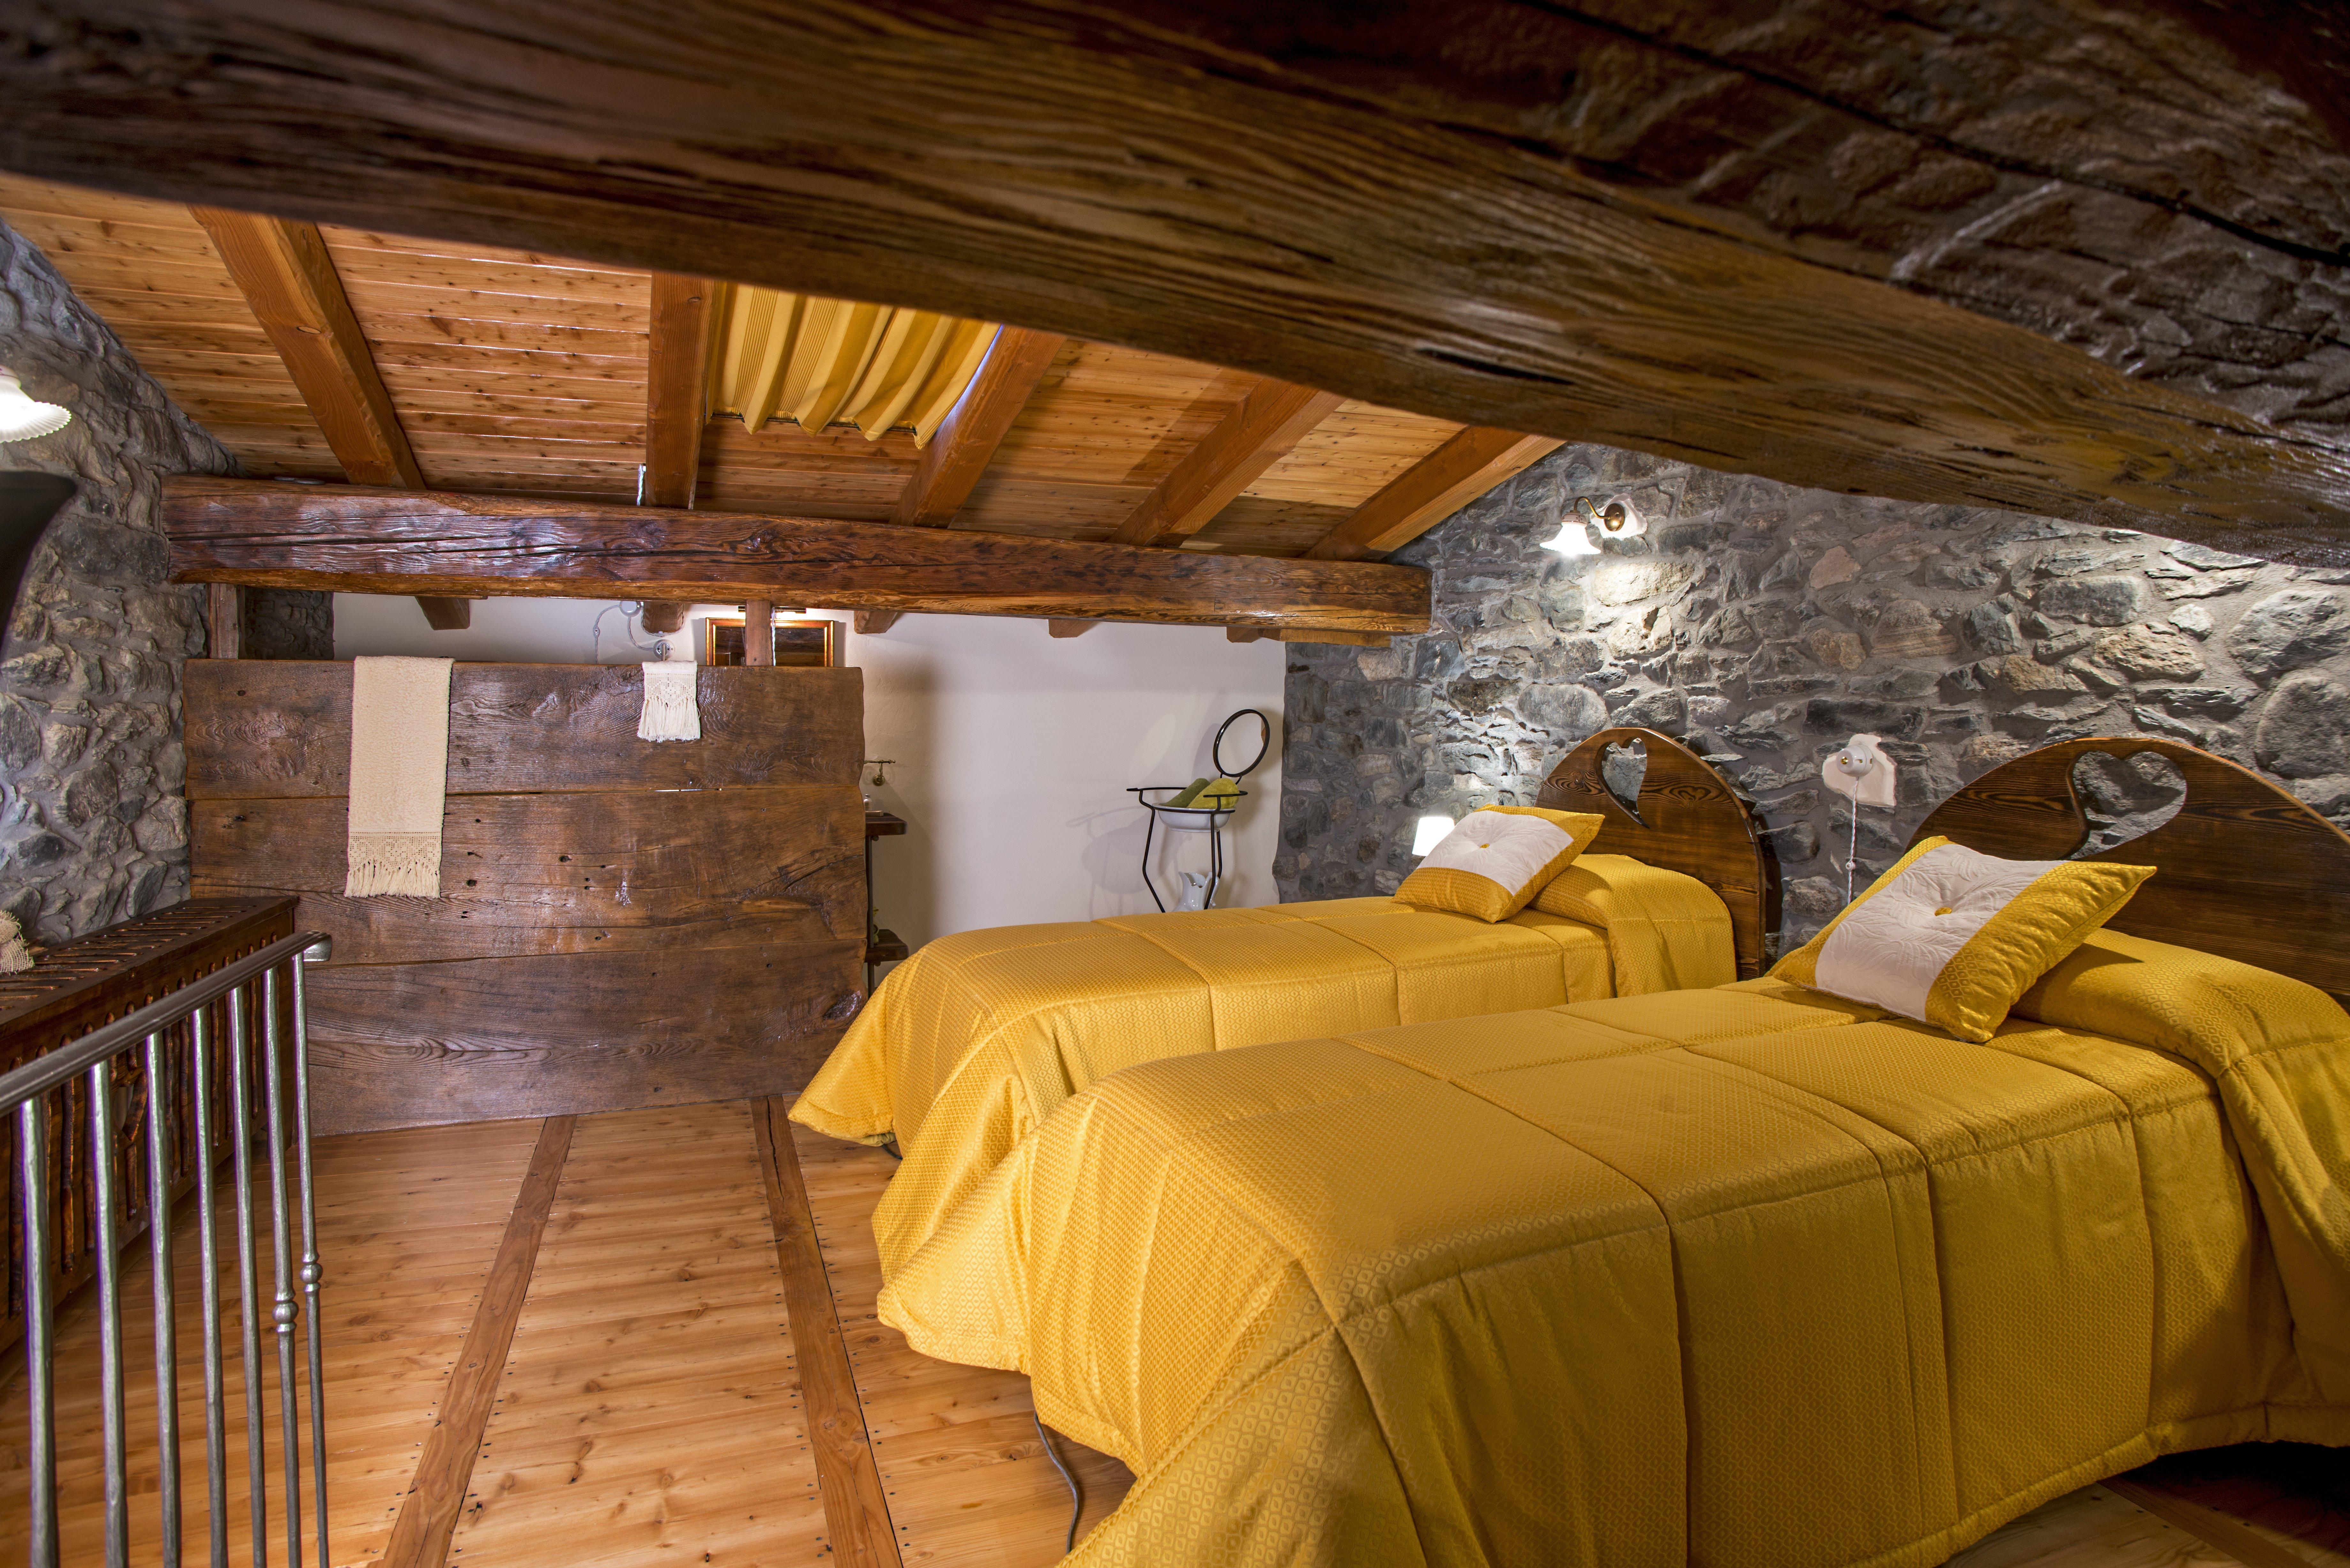 camera da letto mansarda con copriletto giallo